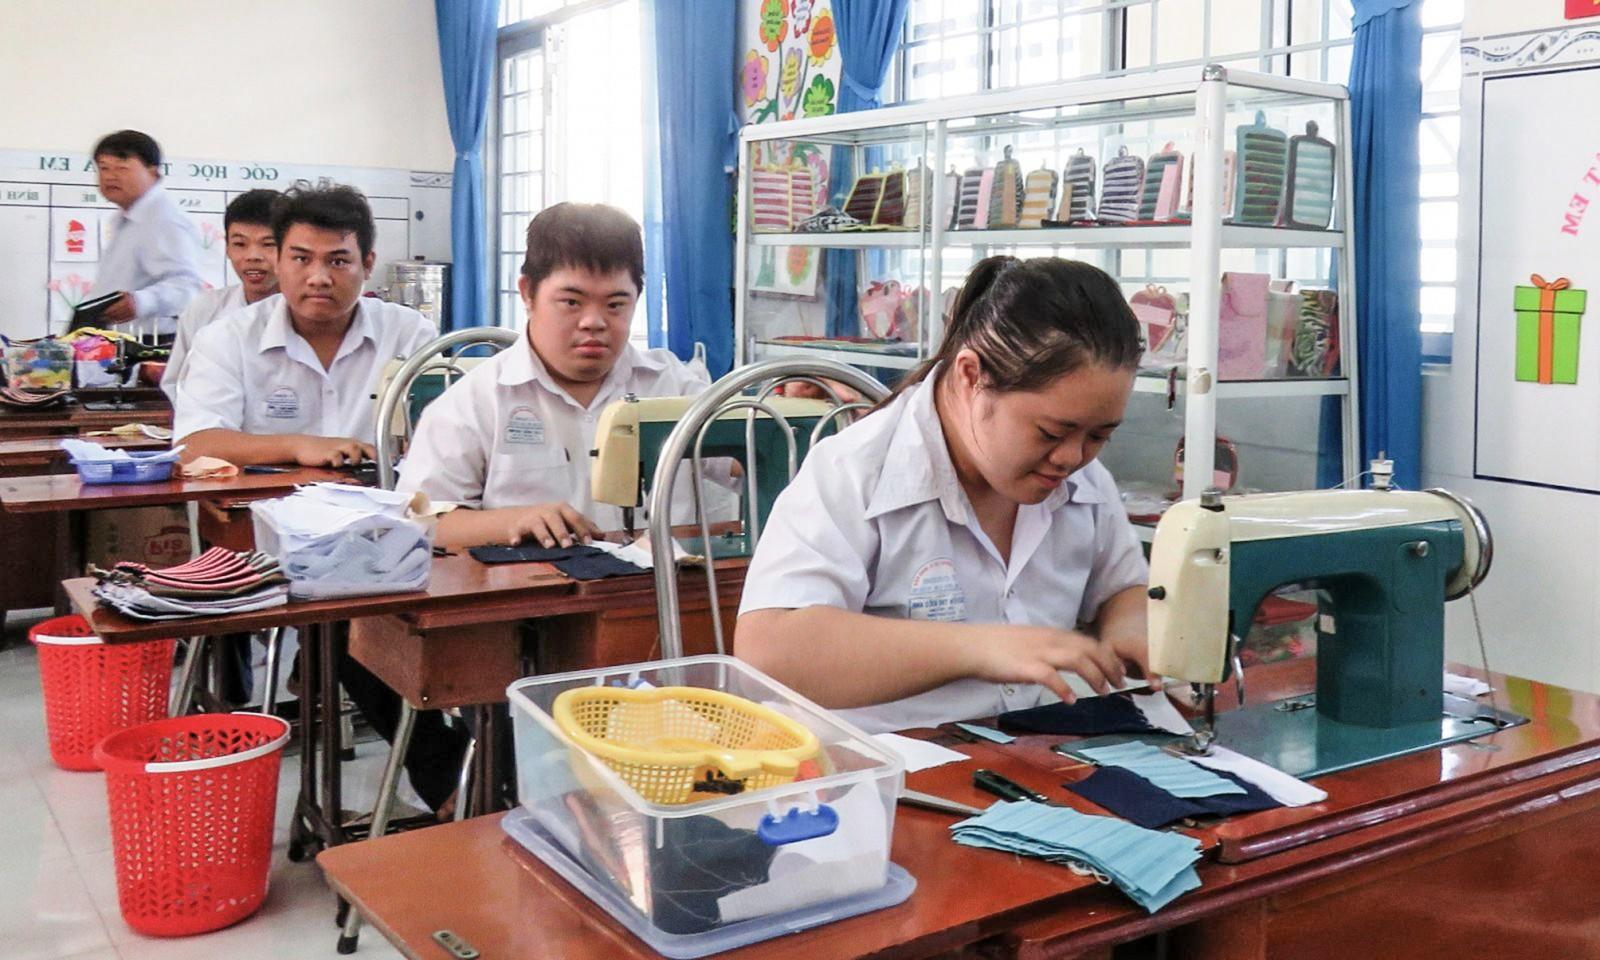 Giờ học thực hành cắt may của học sinh Trường Tương Lai. Ảnh: BÍCH KIÊN